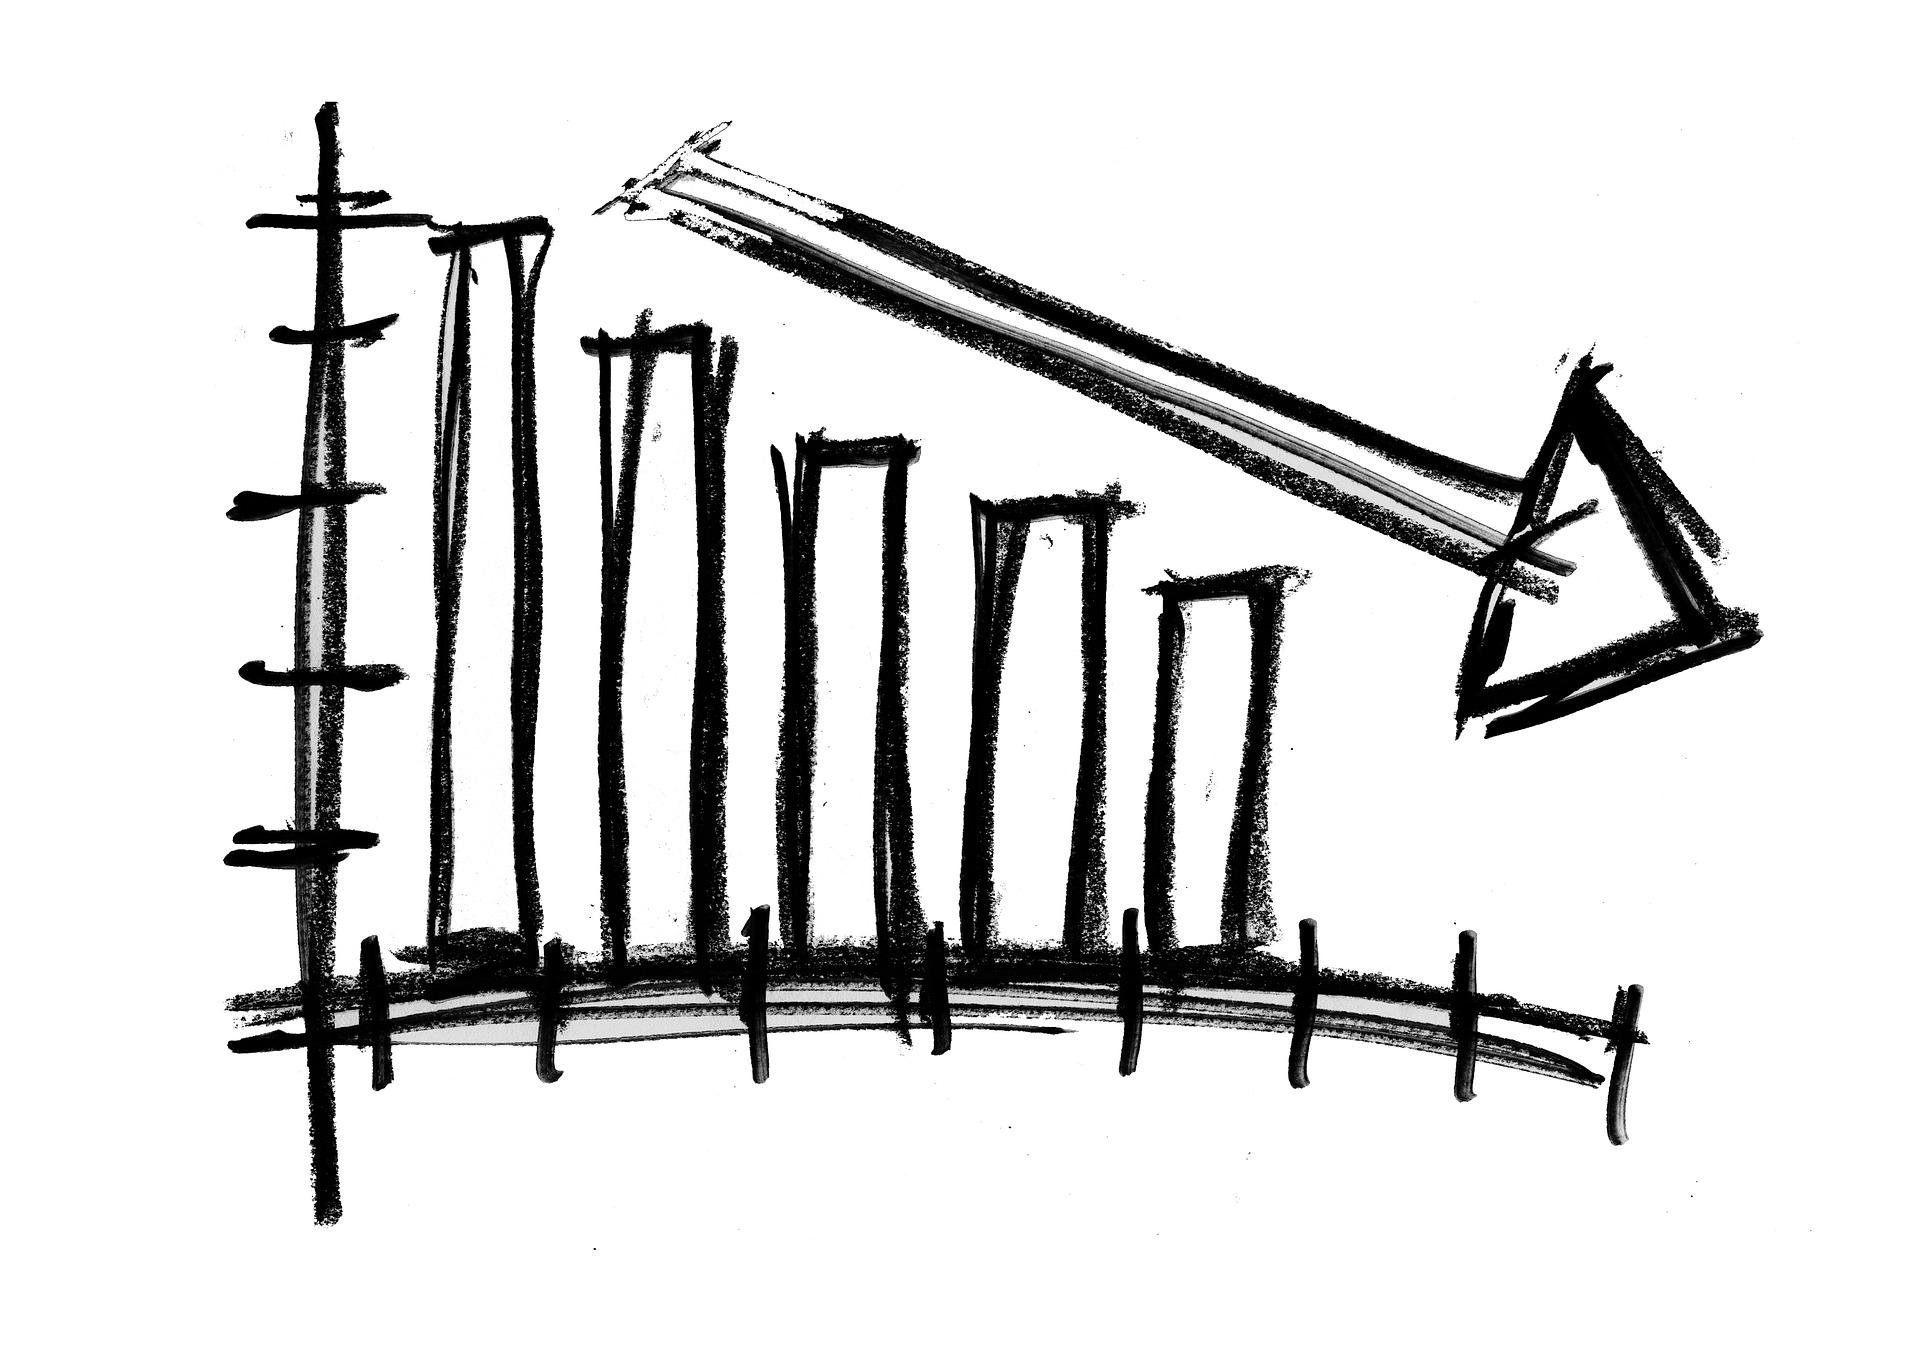 3 tipy ako v pohode prežiť finančnú krízu